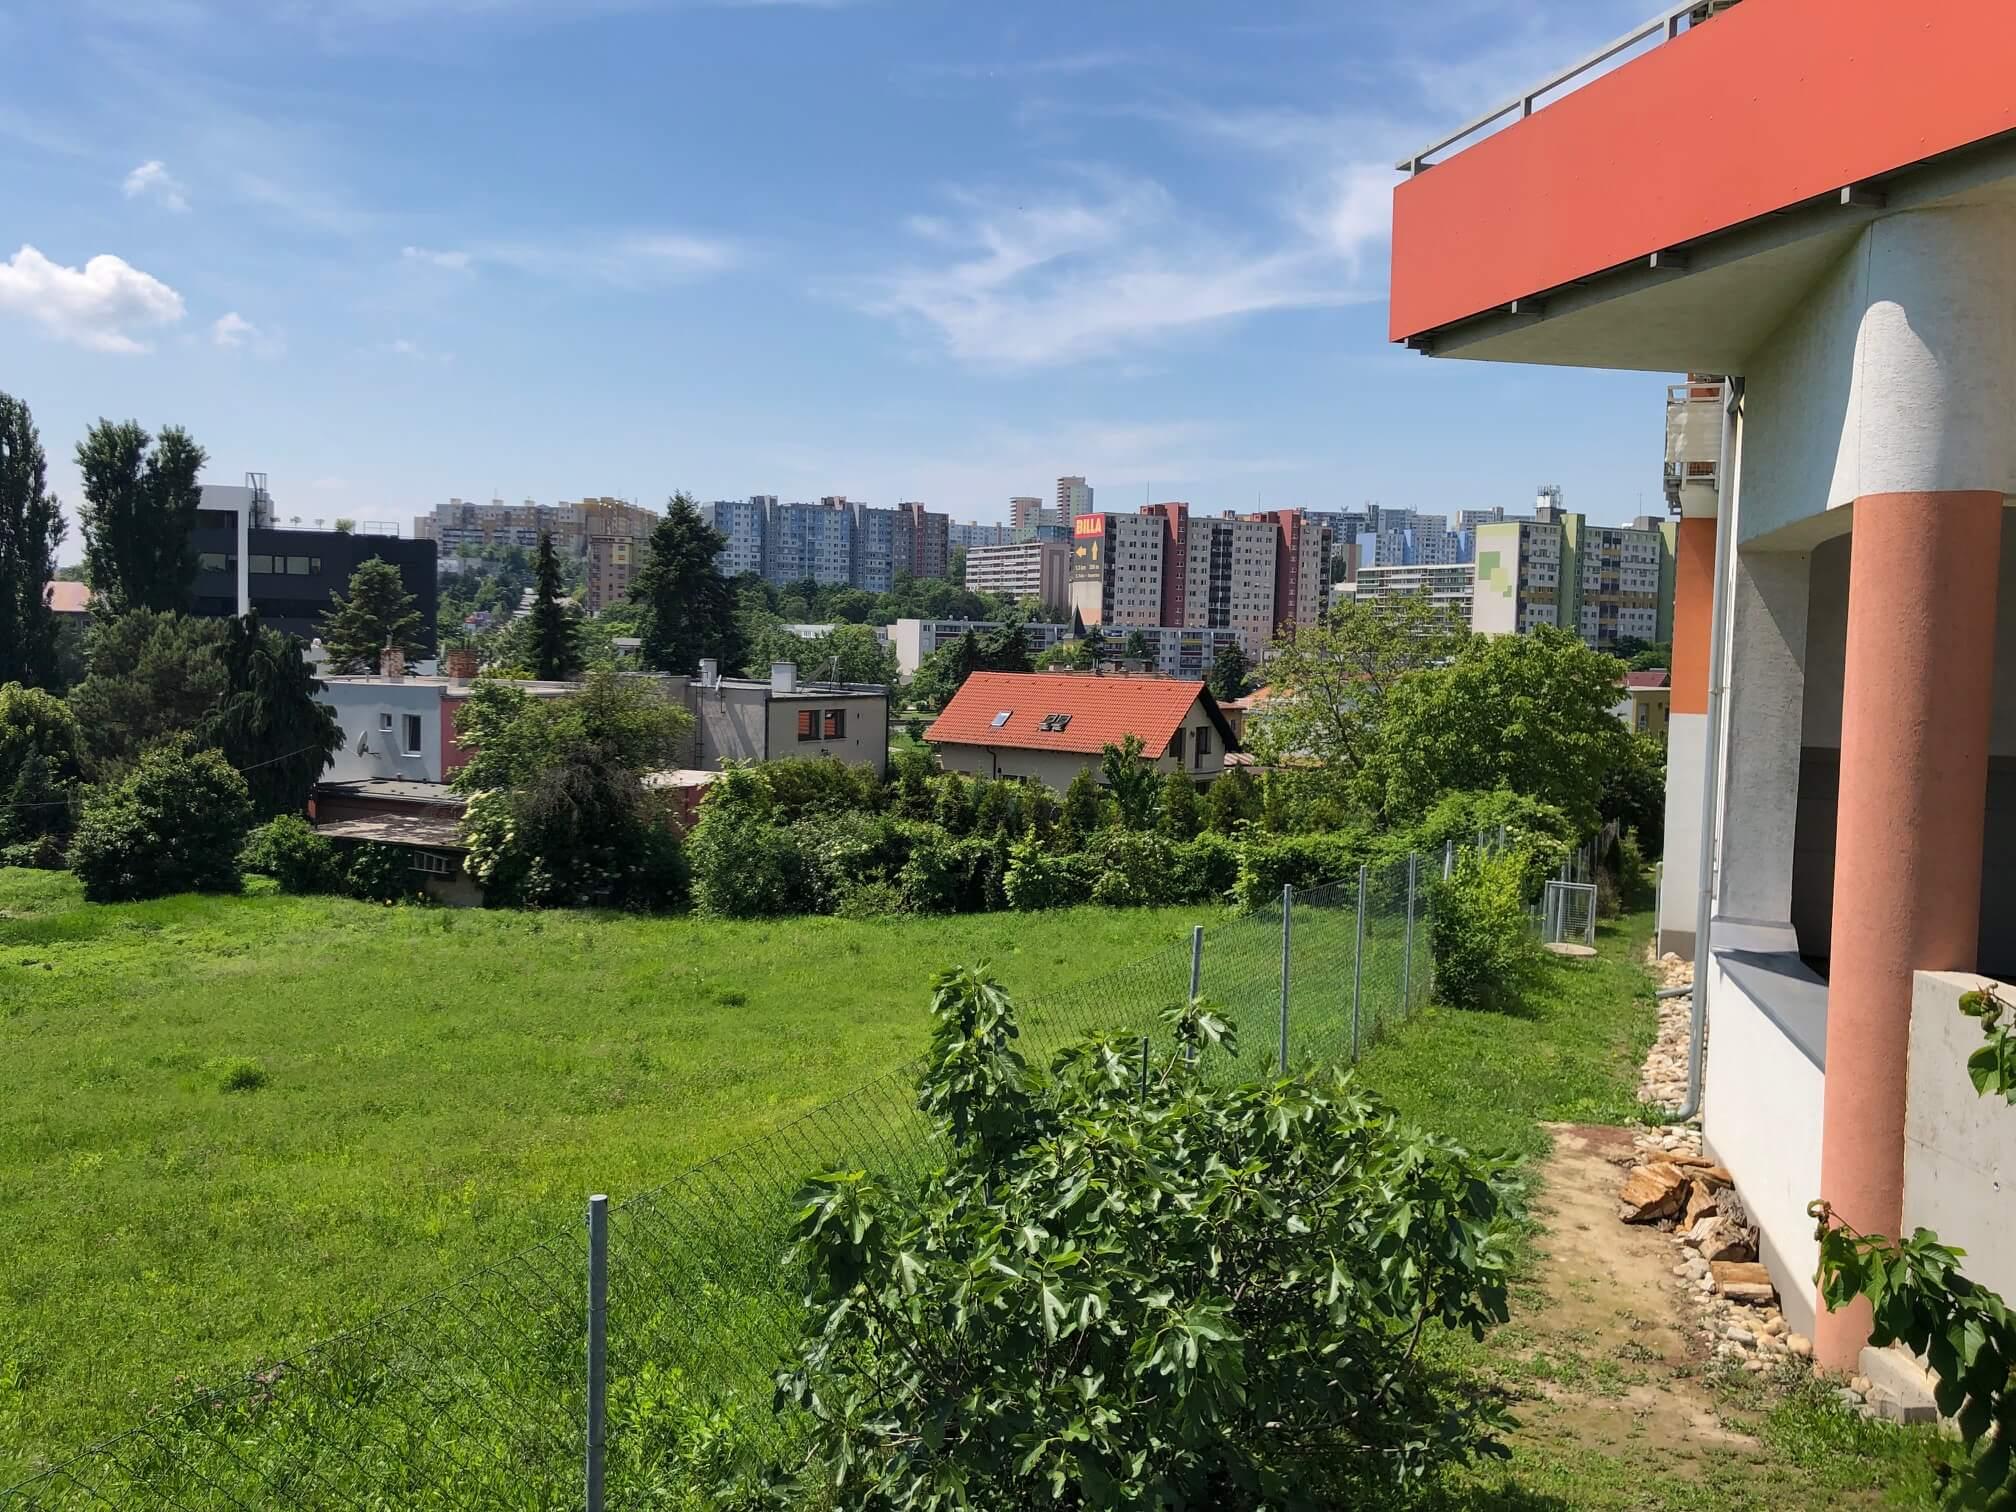 Predané: 3 izbový byt, novostavba, 72,25m2, loggia 4,82m2, Staré Grunty, Karlovka, garážové státie-62